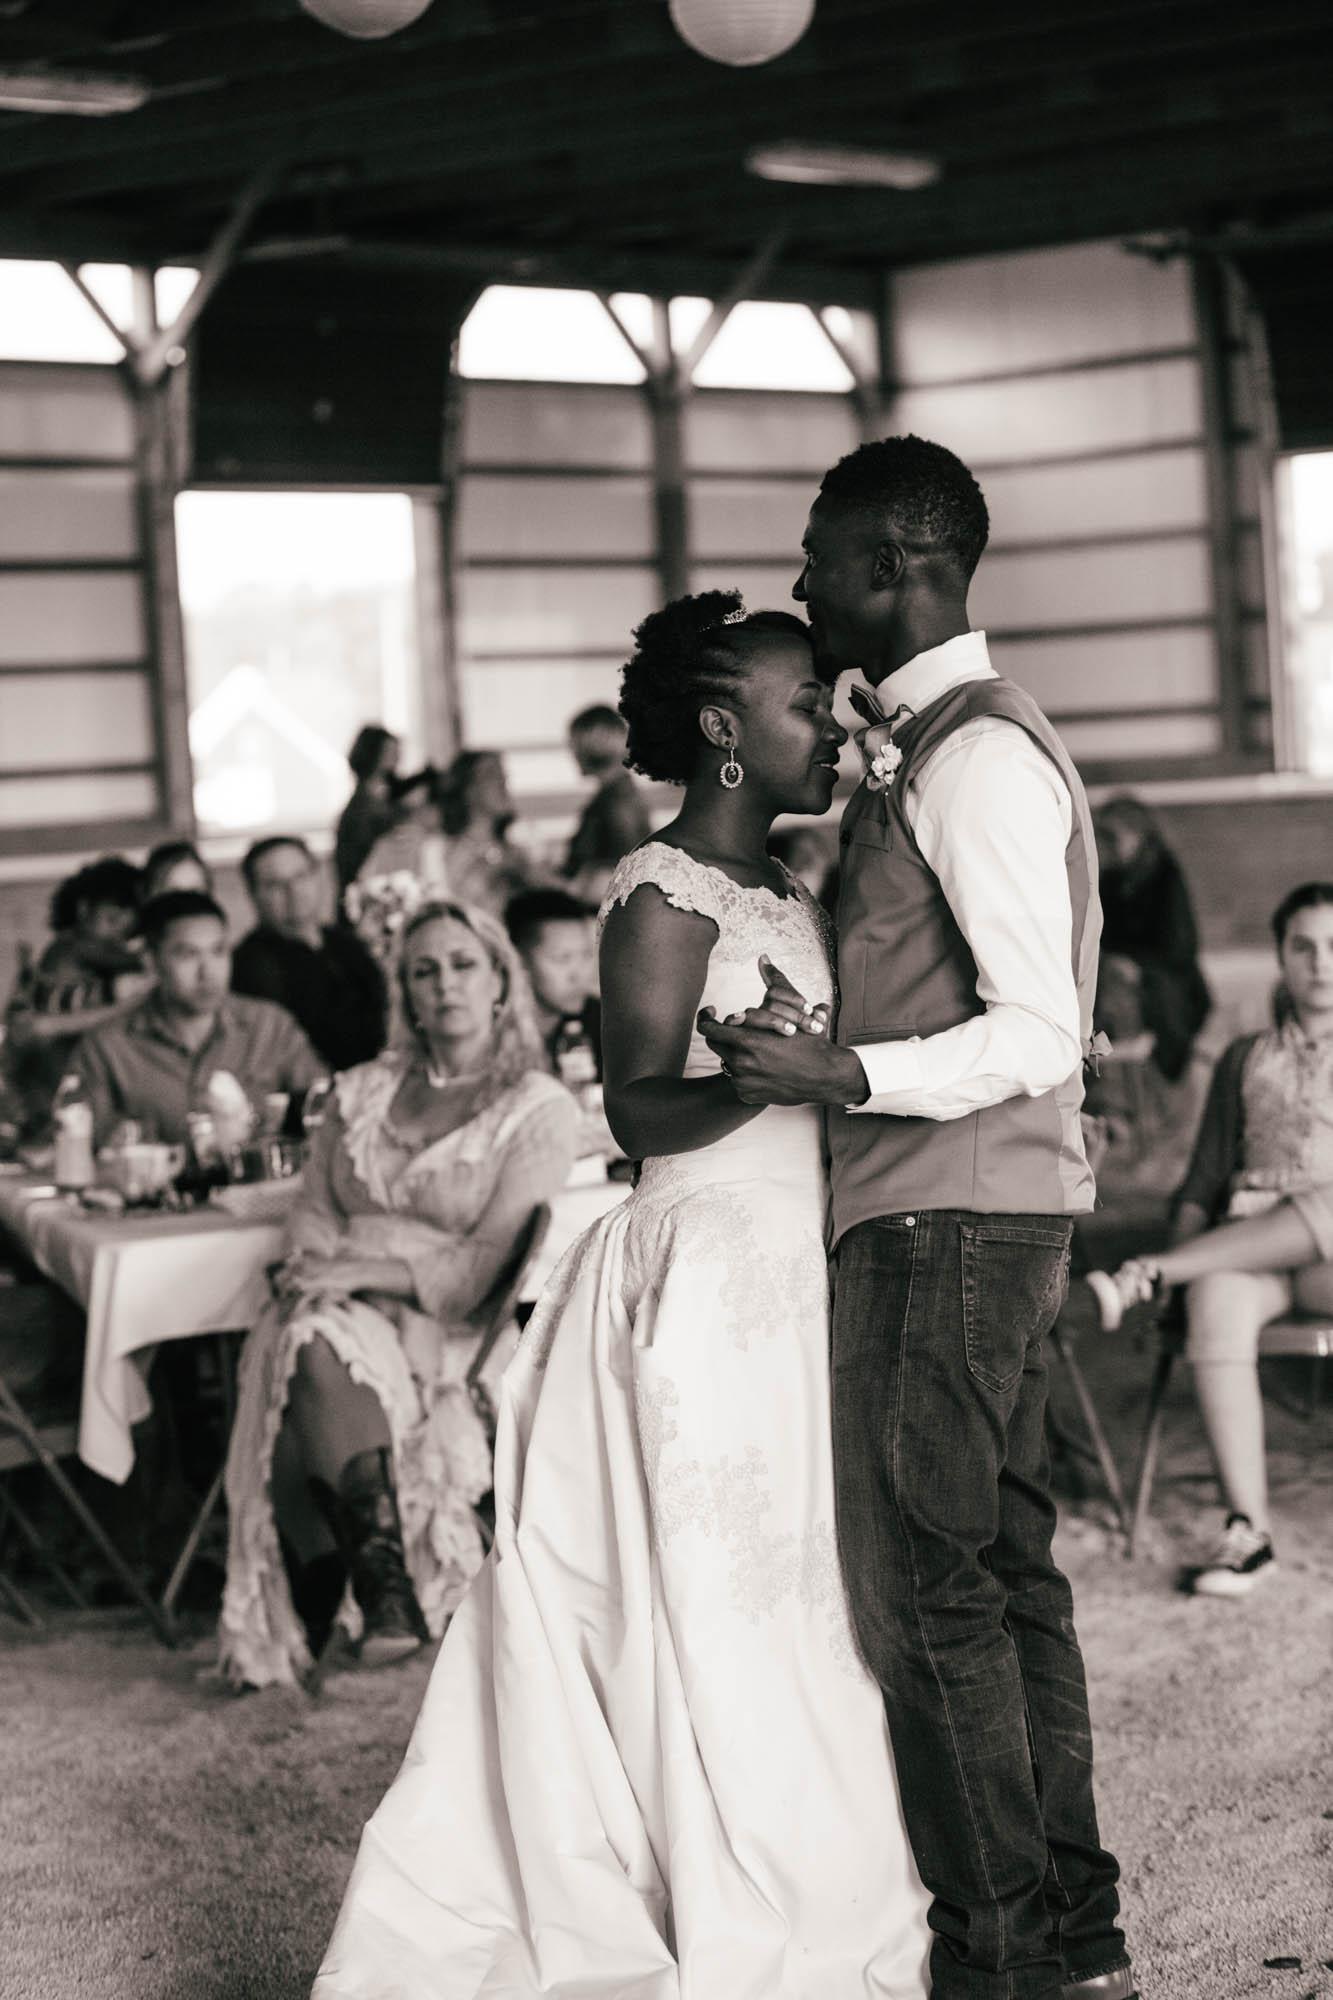 kentuckybarnwedding-2-7.jpg